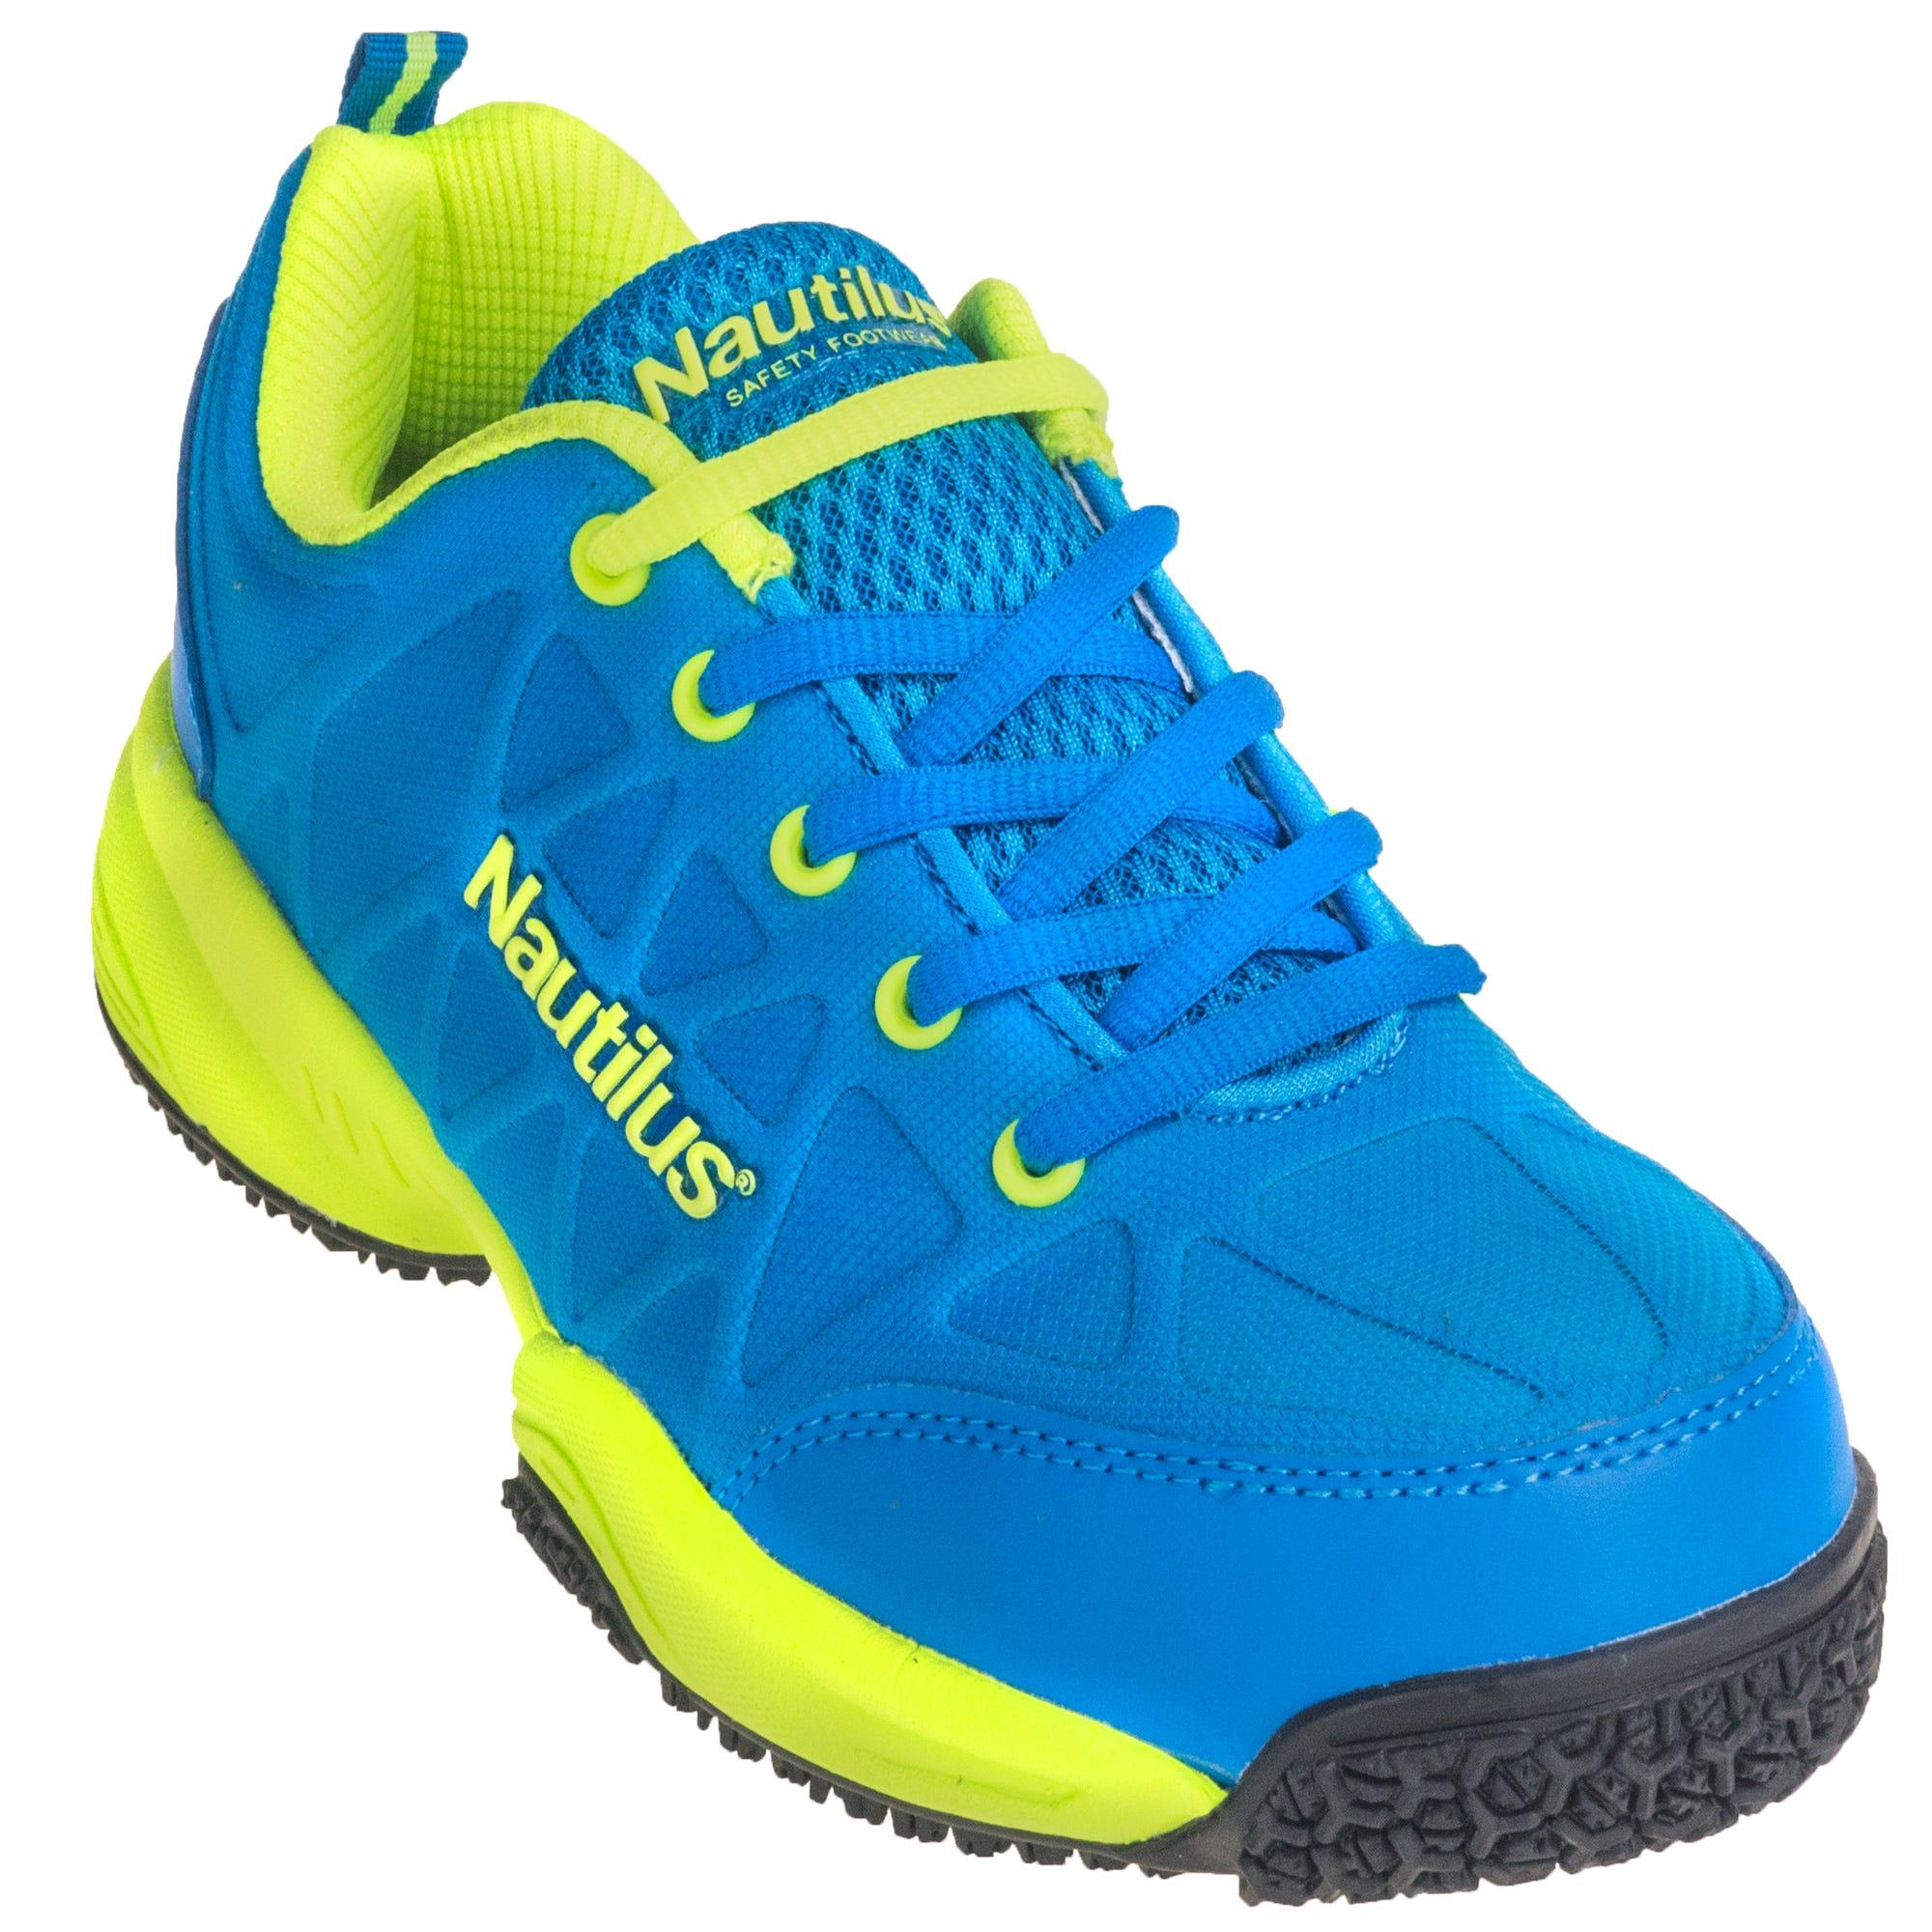 Nautilus Shoes Women's N2154 Composite Toe Work Shoes